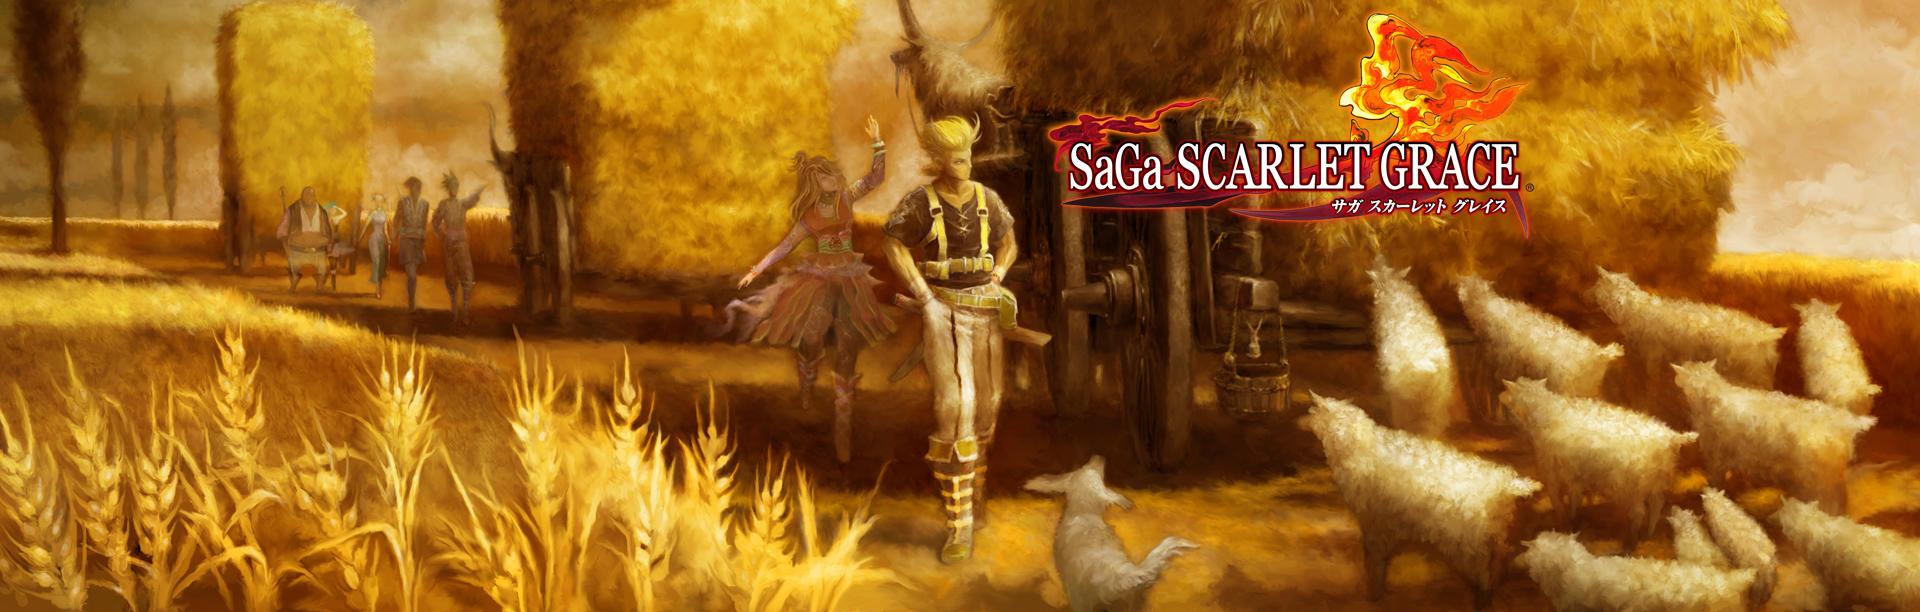 20161130-sagasg-main.jpg